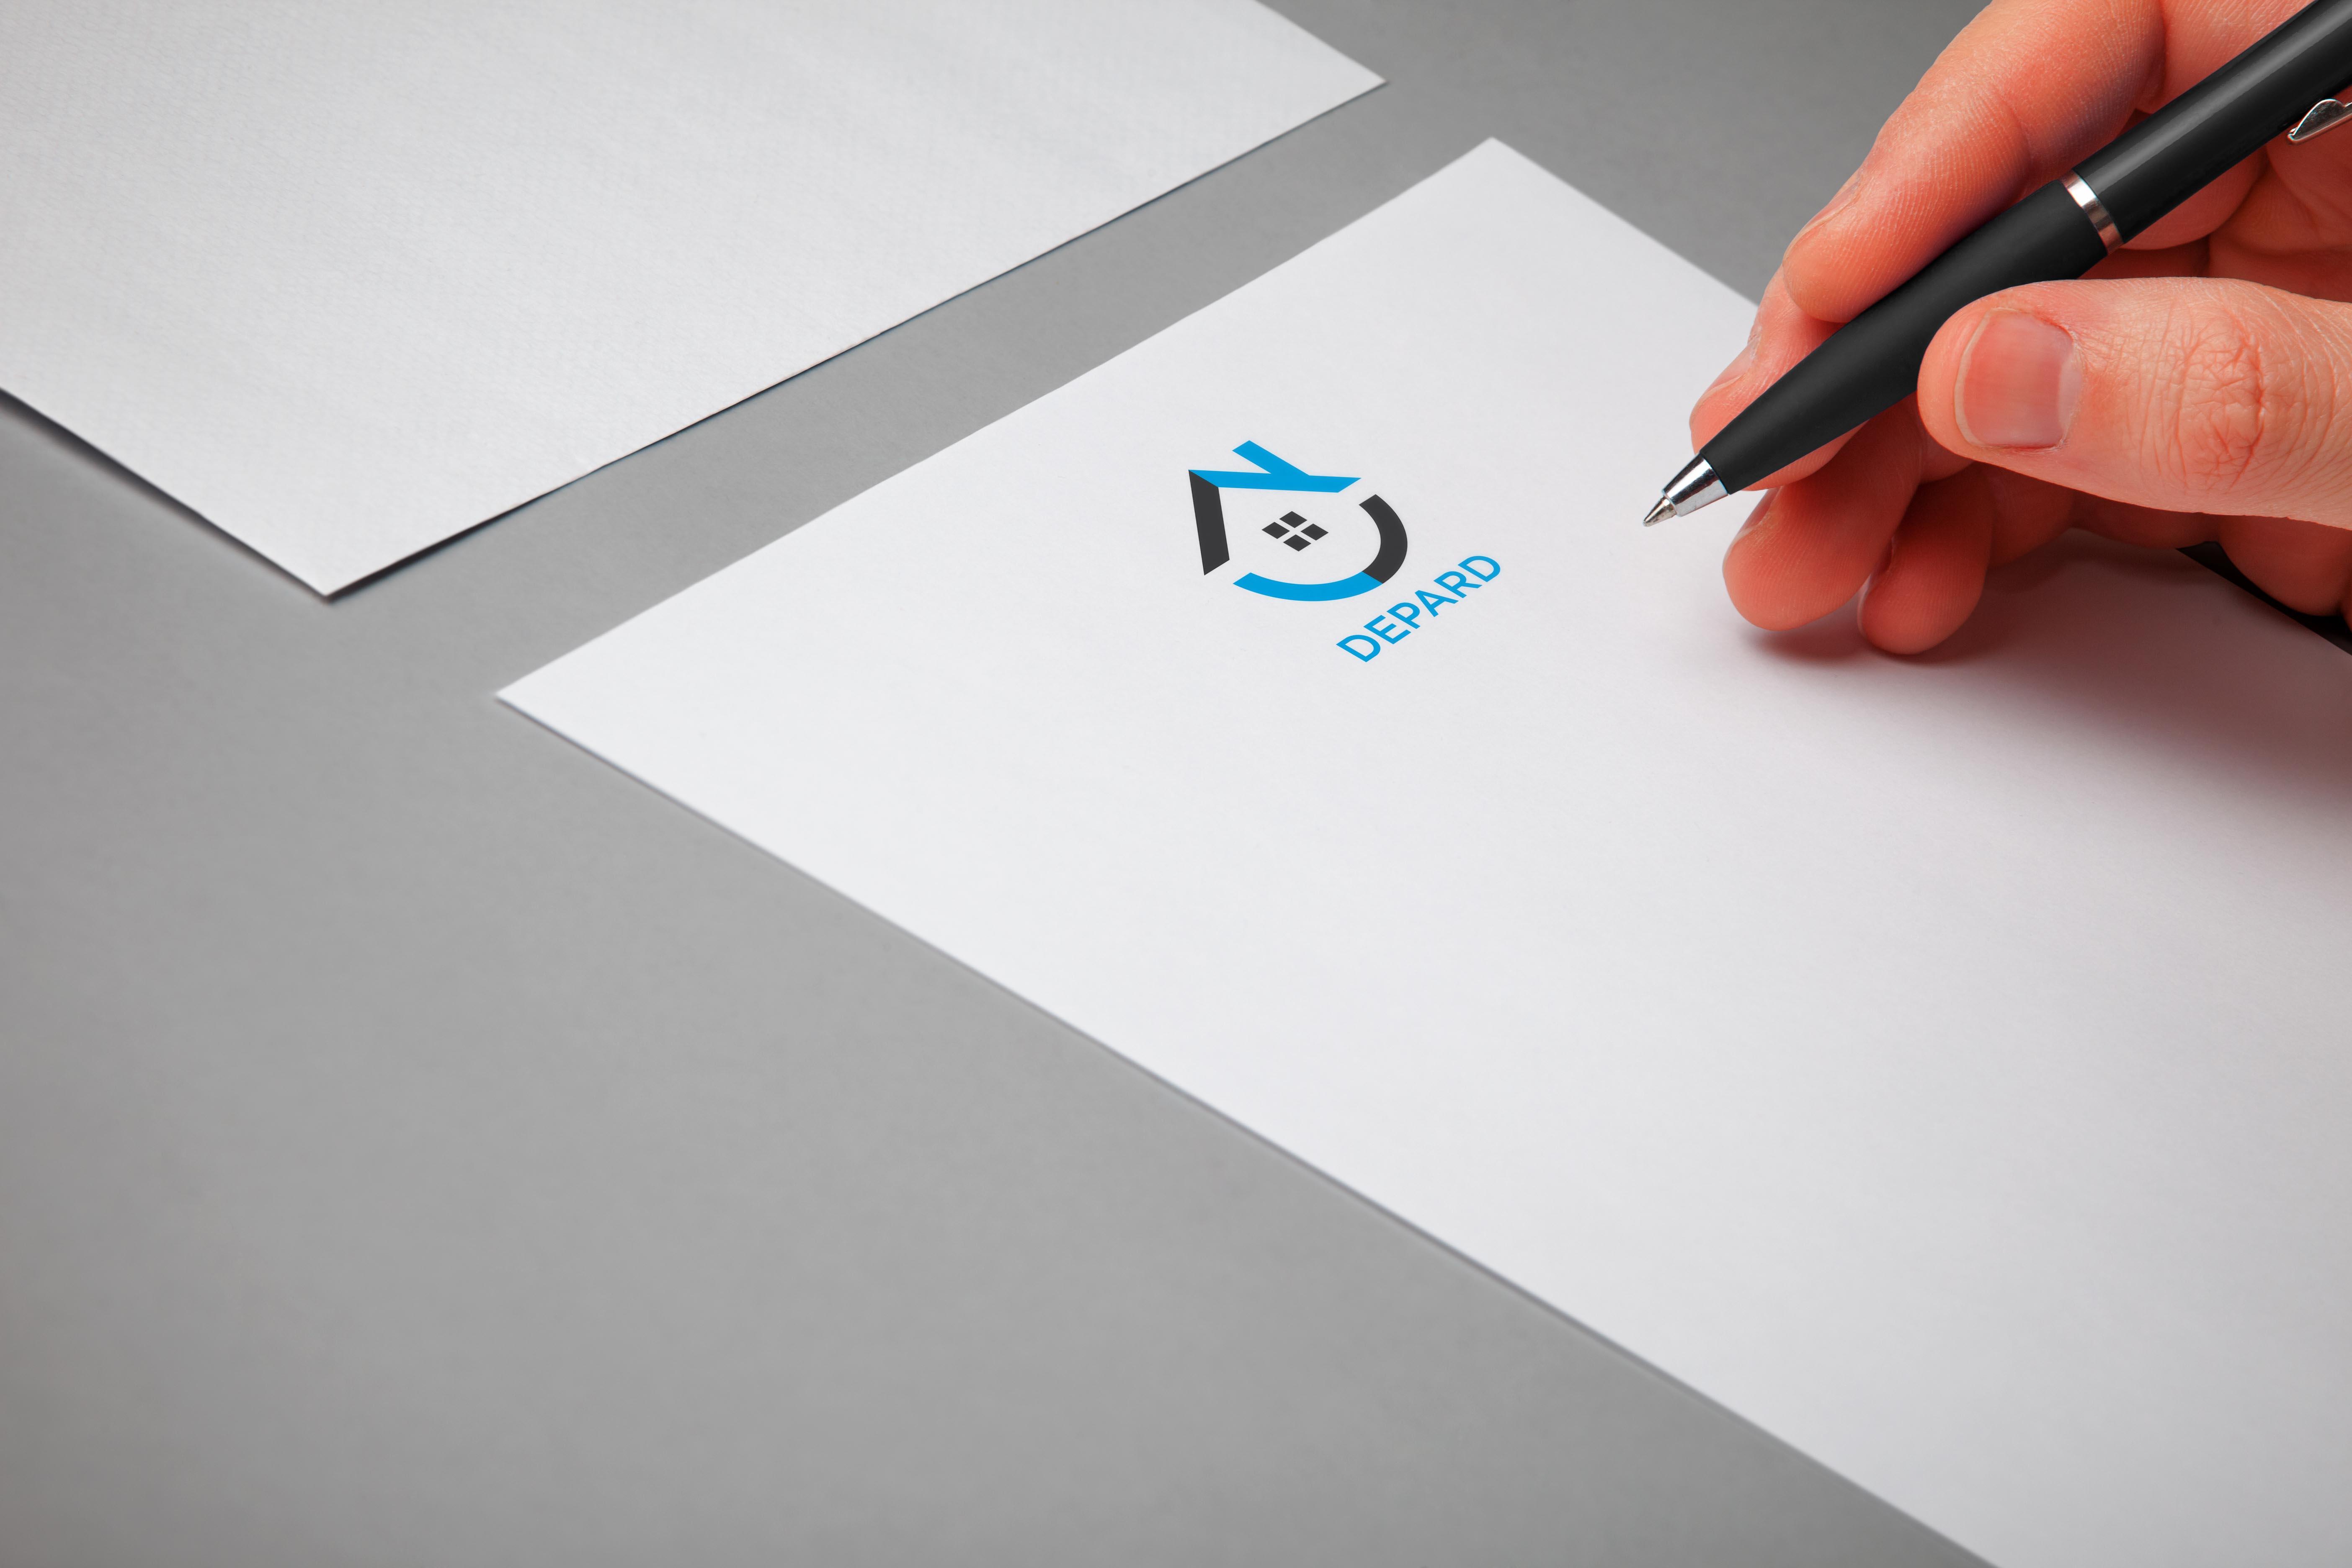 Логотип для компании (услуги недвижимость) фото f_089593560e61b651.jpg